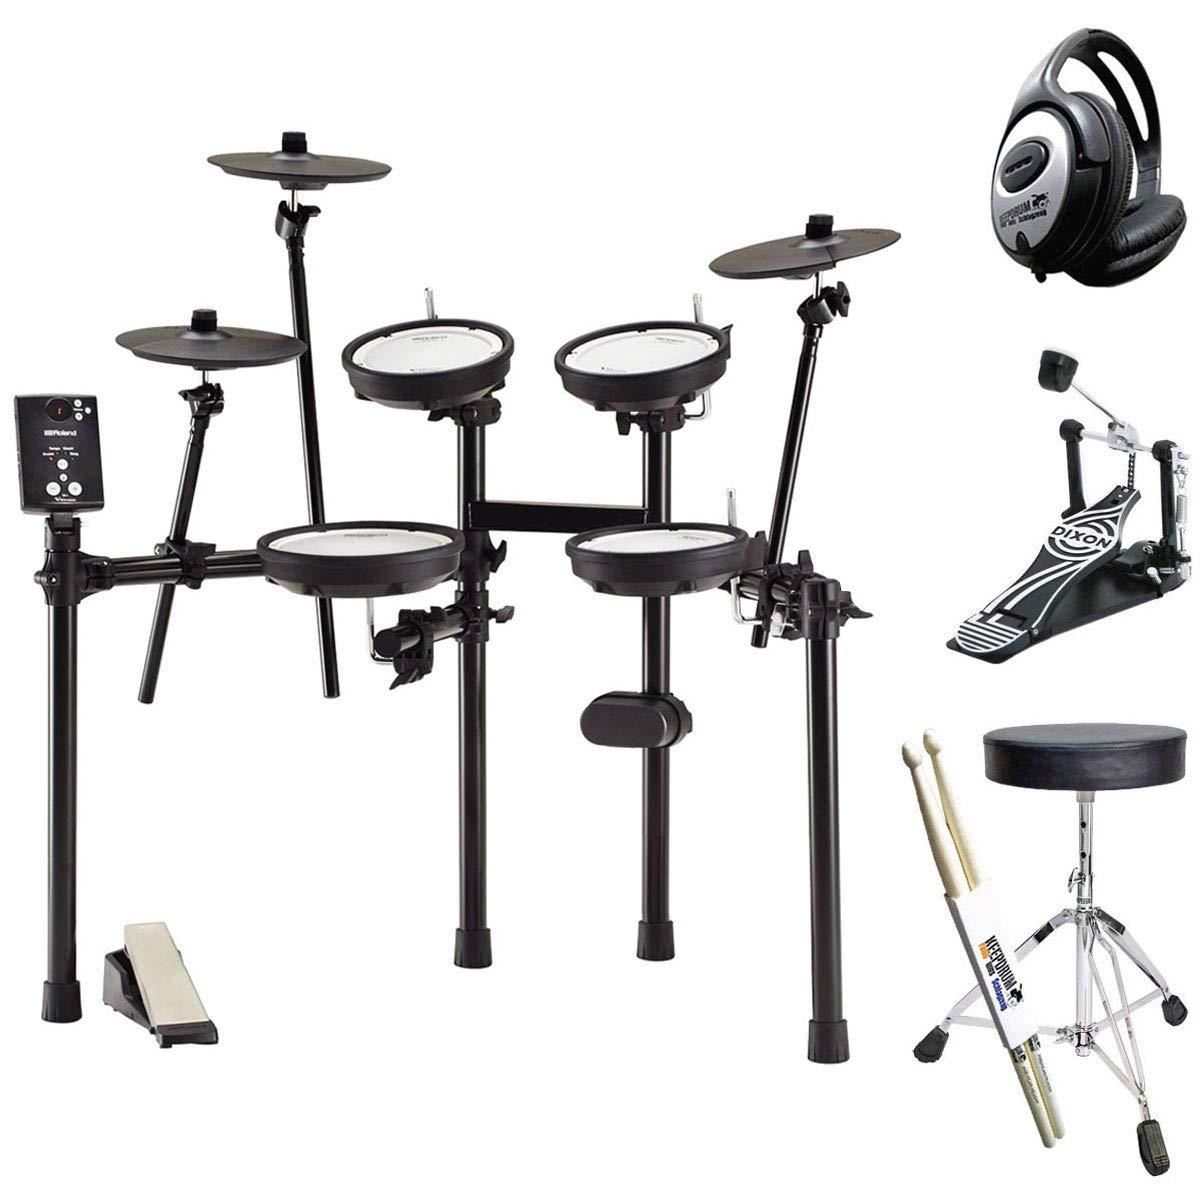 Schlagzeug Hocker Kopfhörer Drumsticks keepdrum Zubehörset für E-Drum